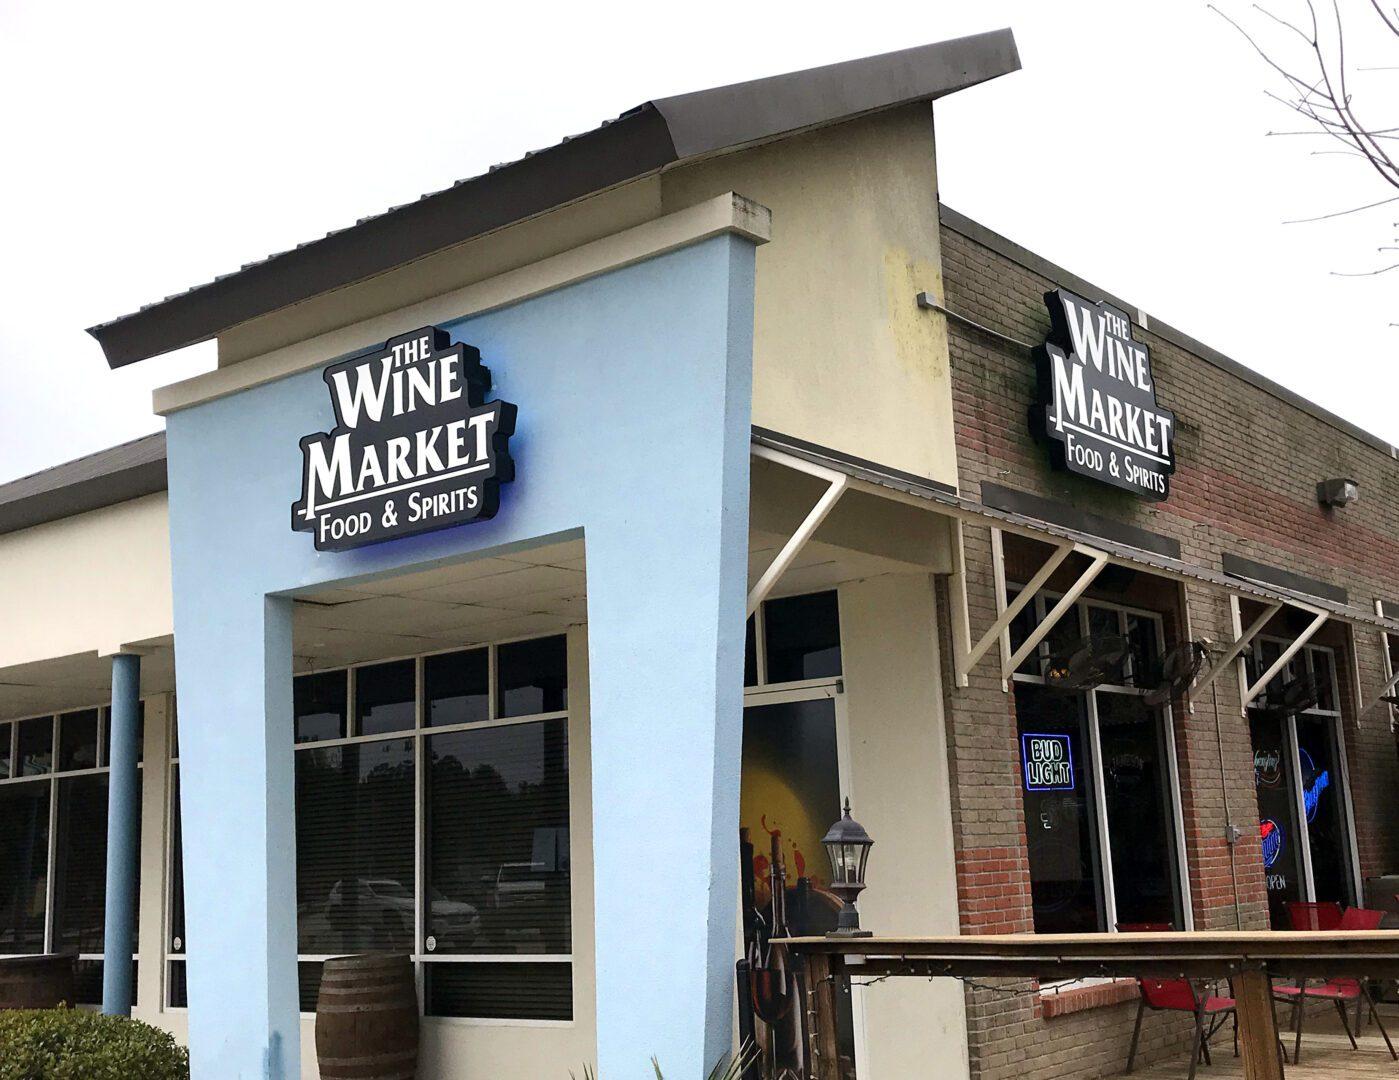 Wine Market Corner Signage